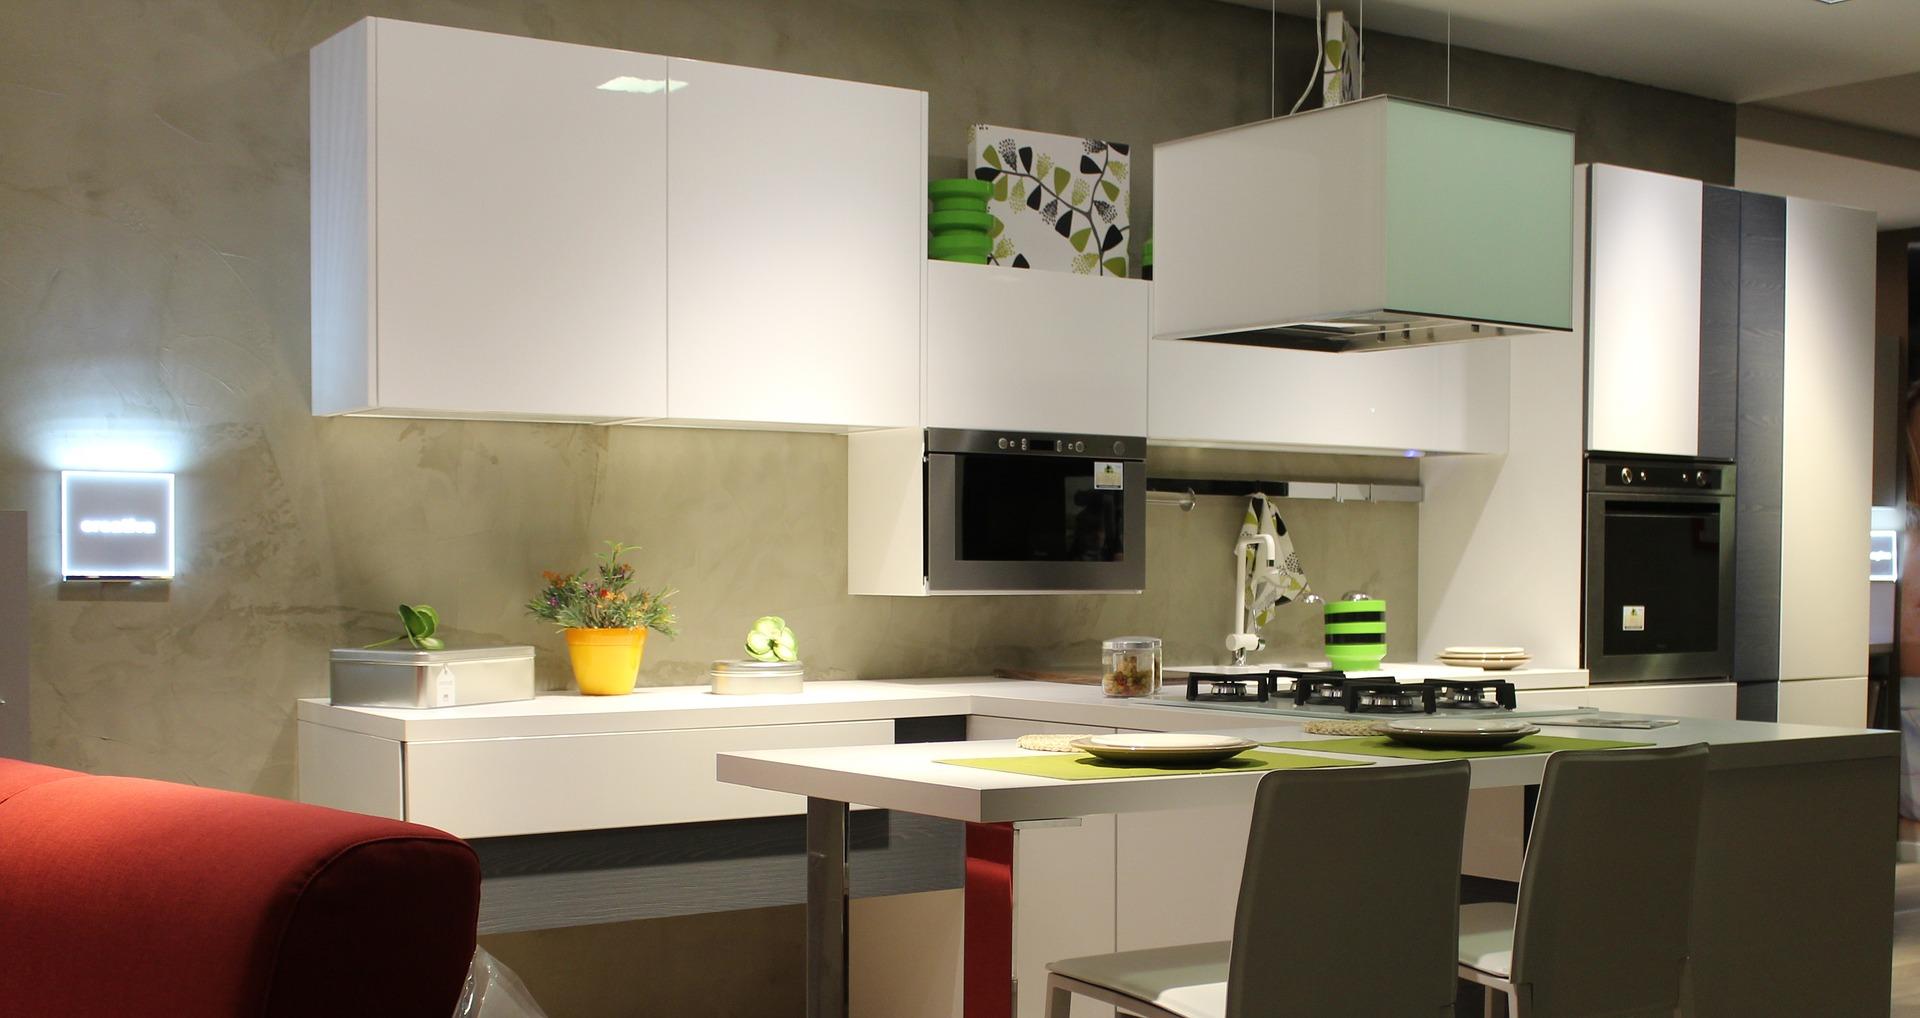 kitchen-1799712_1920